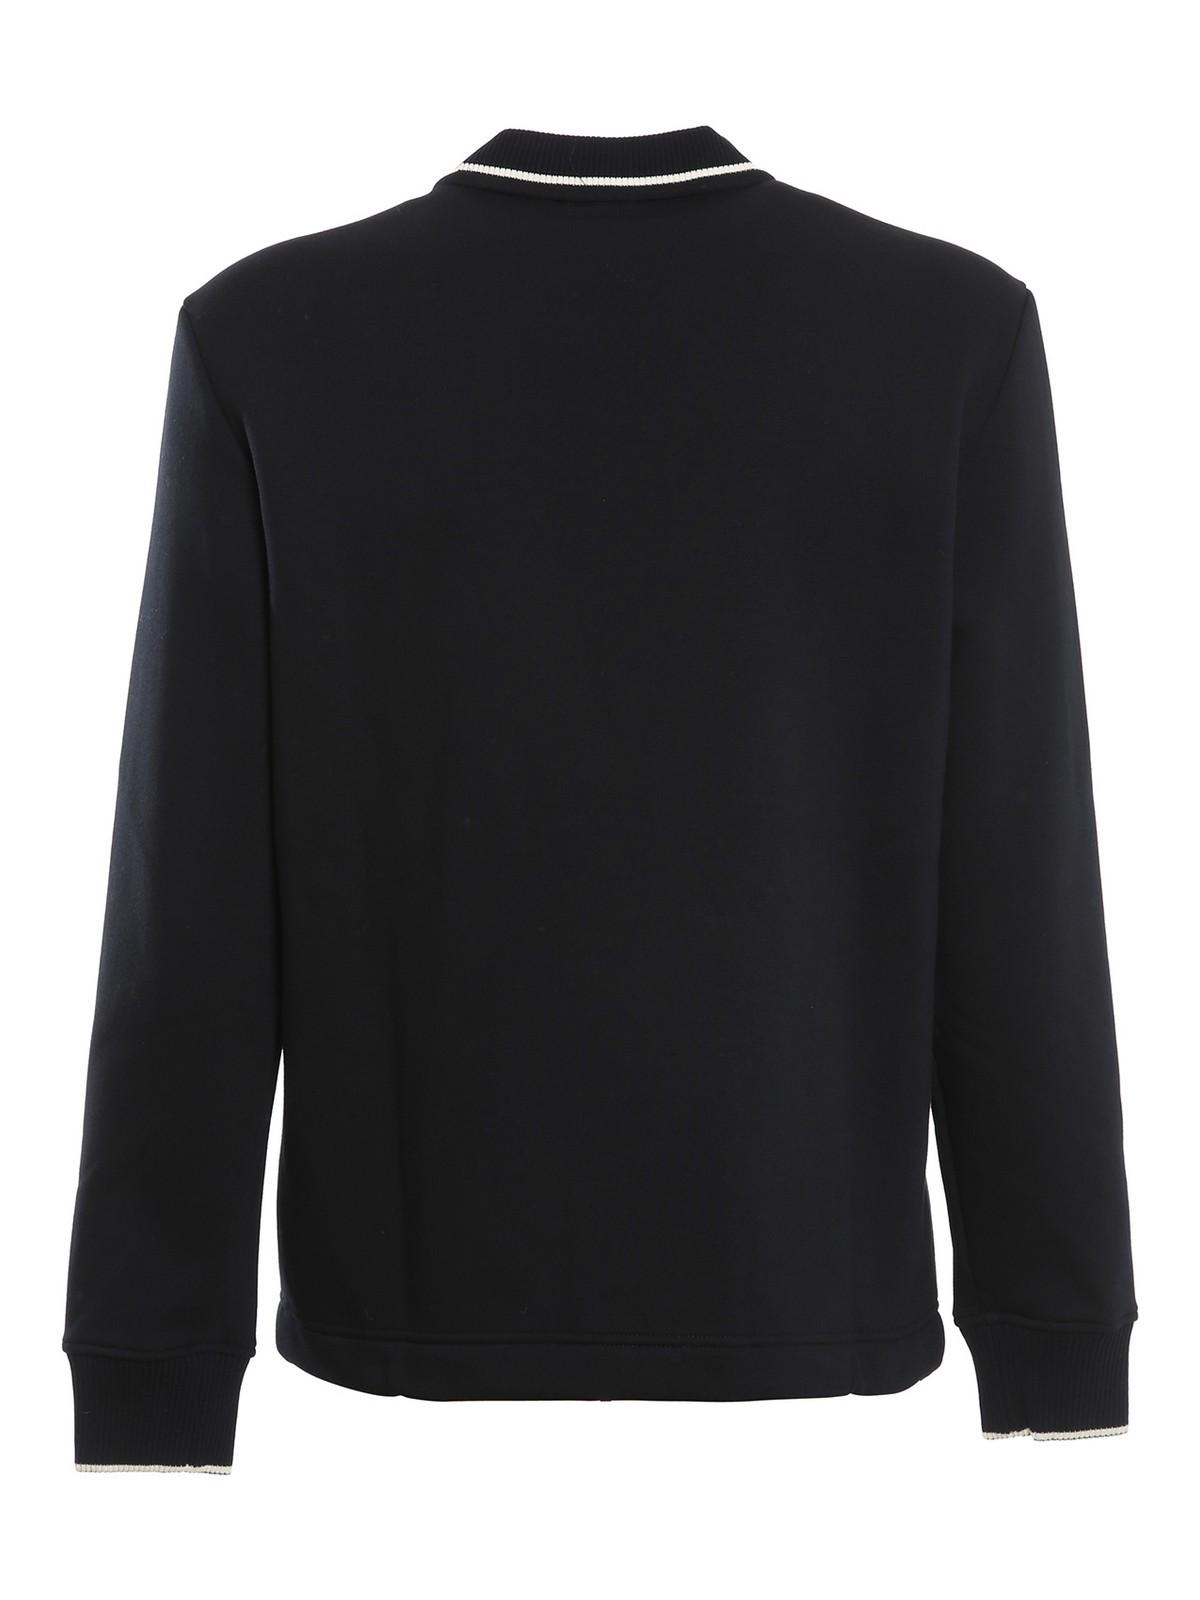 Picture of Zegna | Sweatshirt